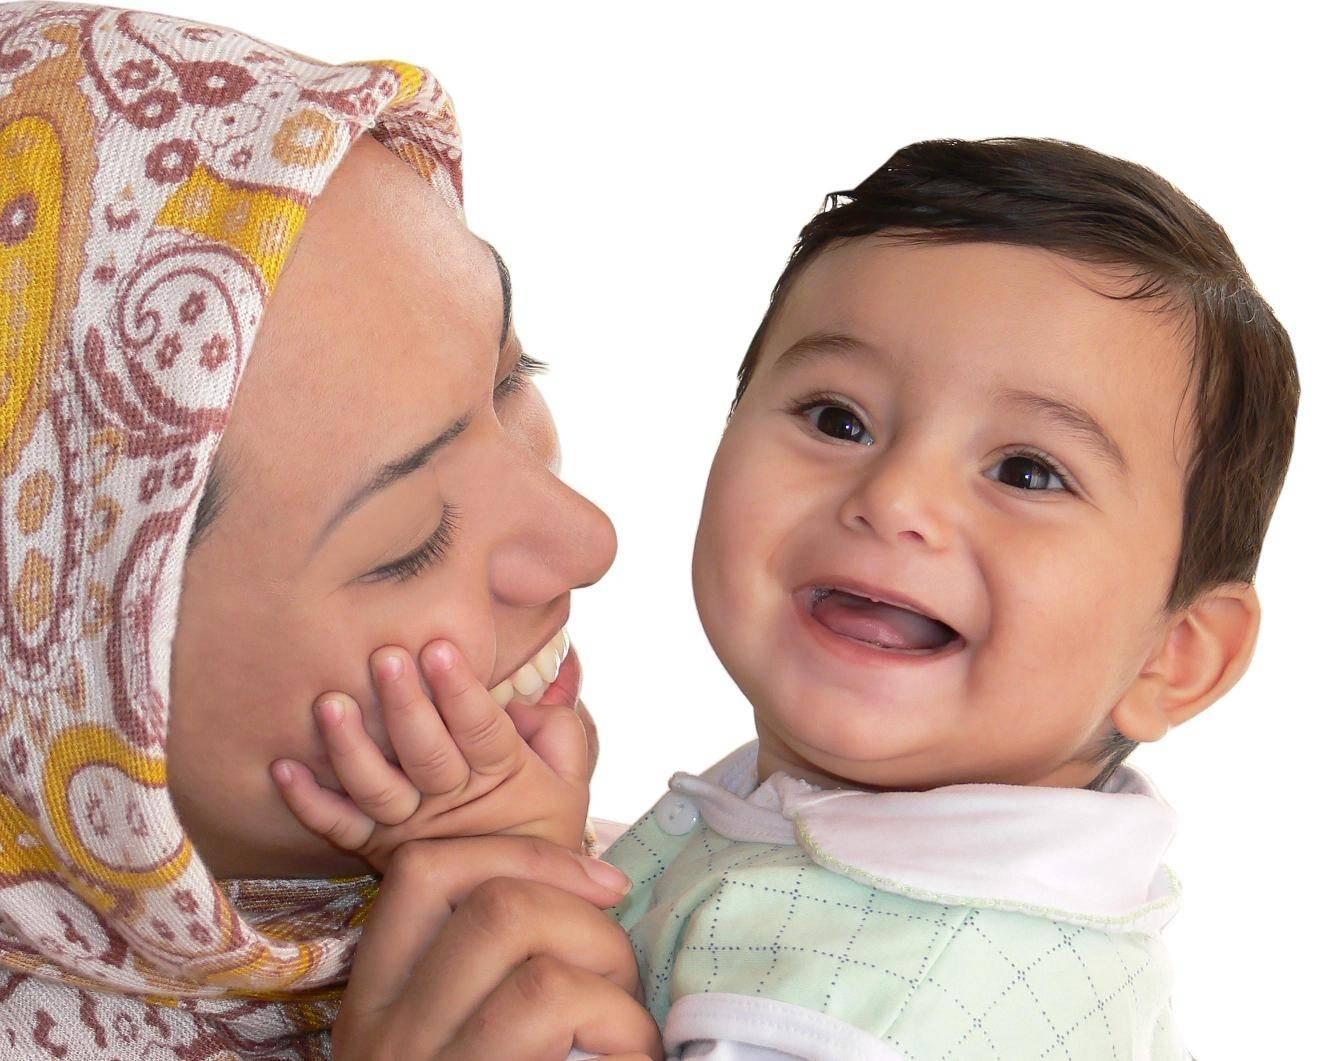 مادران بخوانند! نکات مهمی درباره از شیر گرفتن کودک